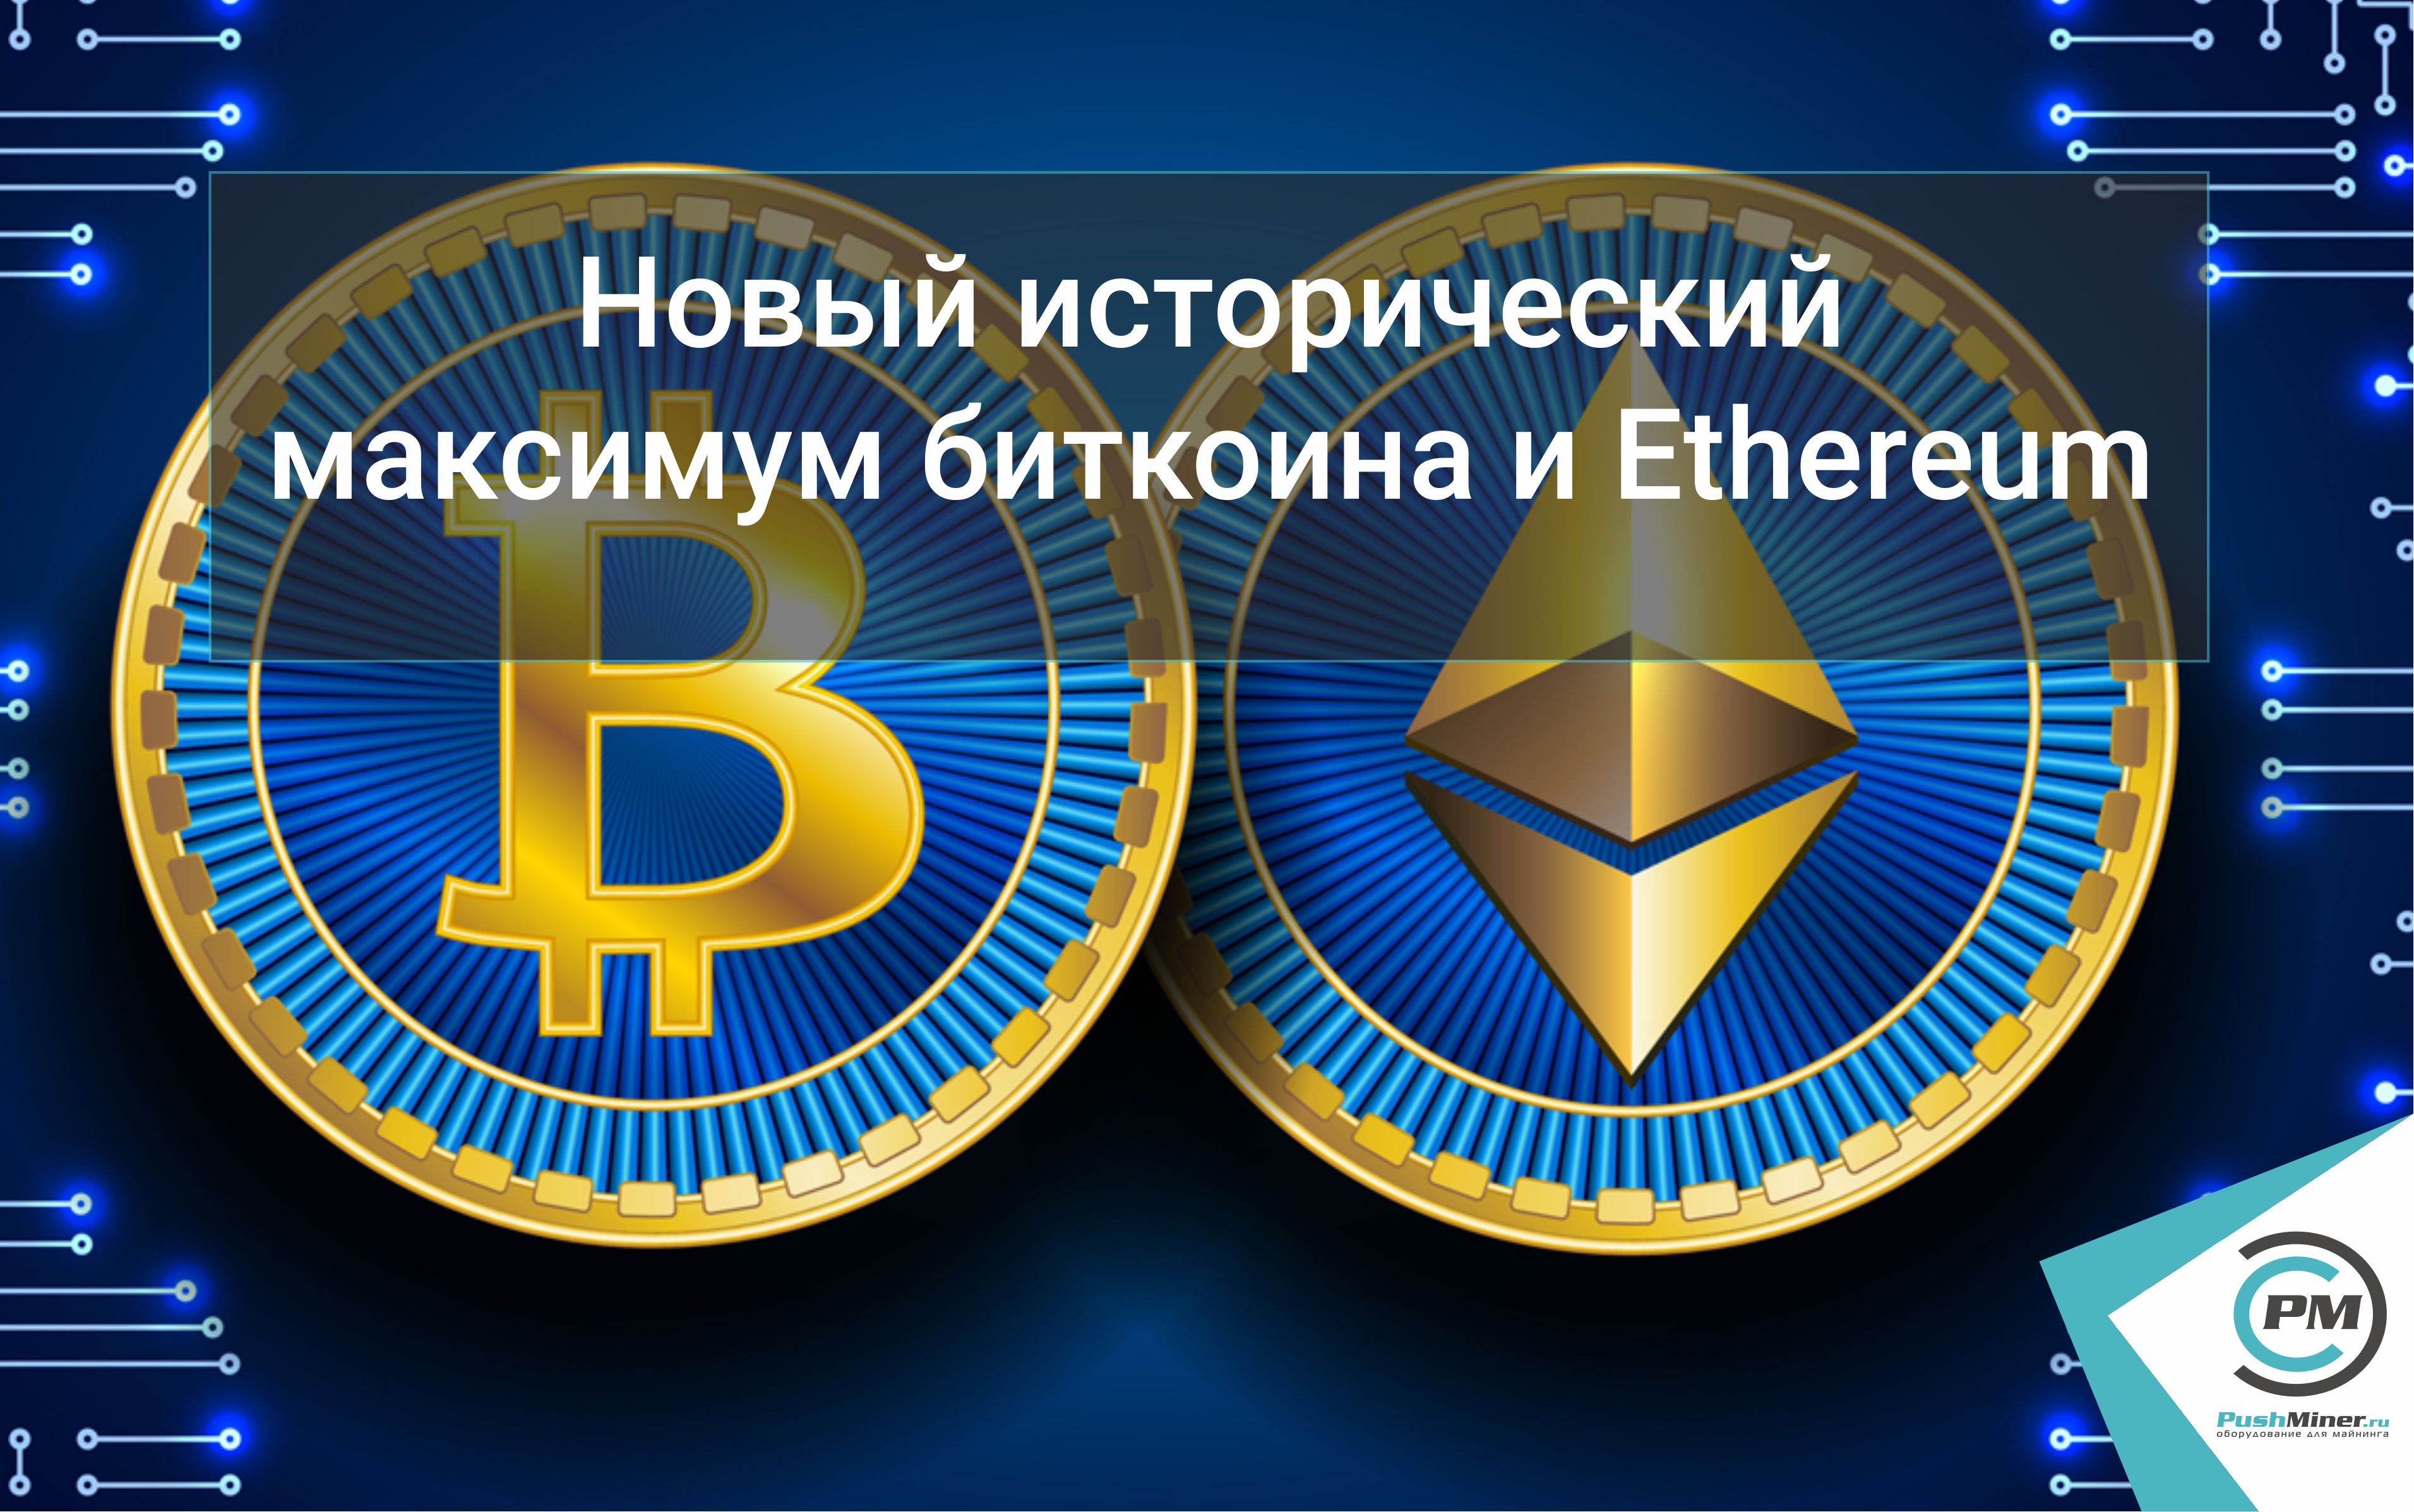 Новый исторический максимум биткоина и Ethereum